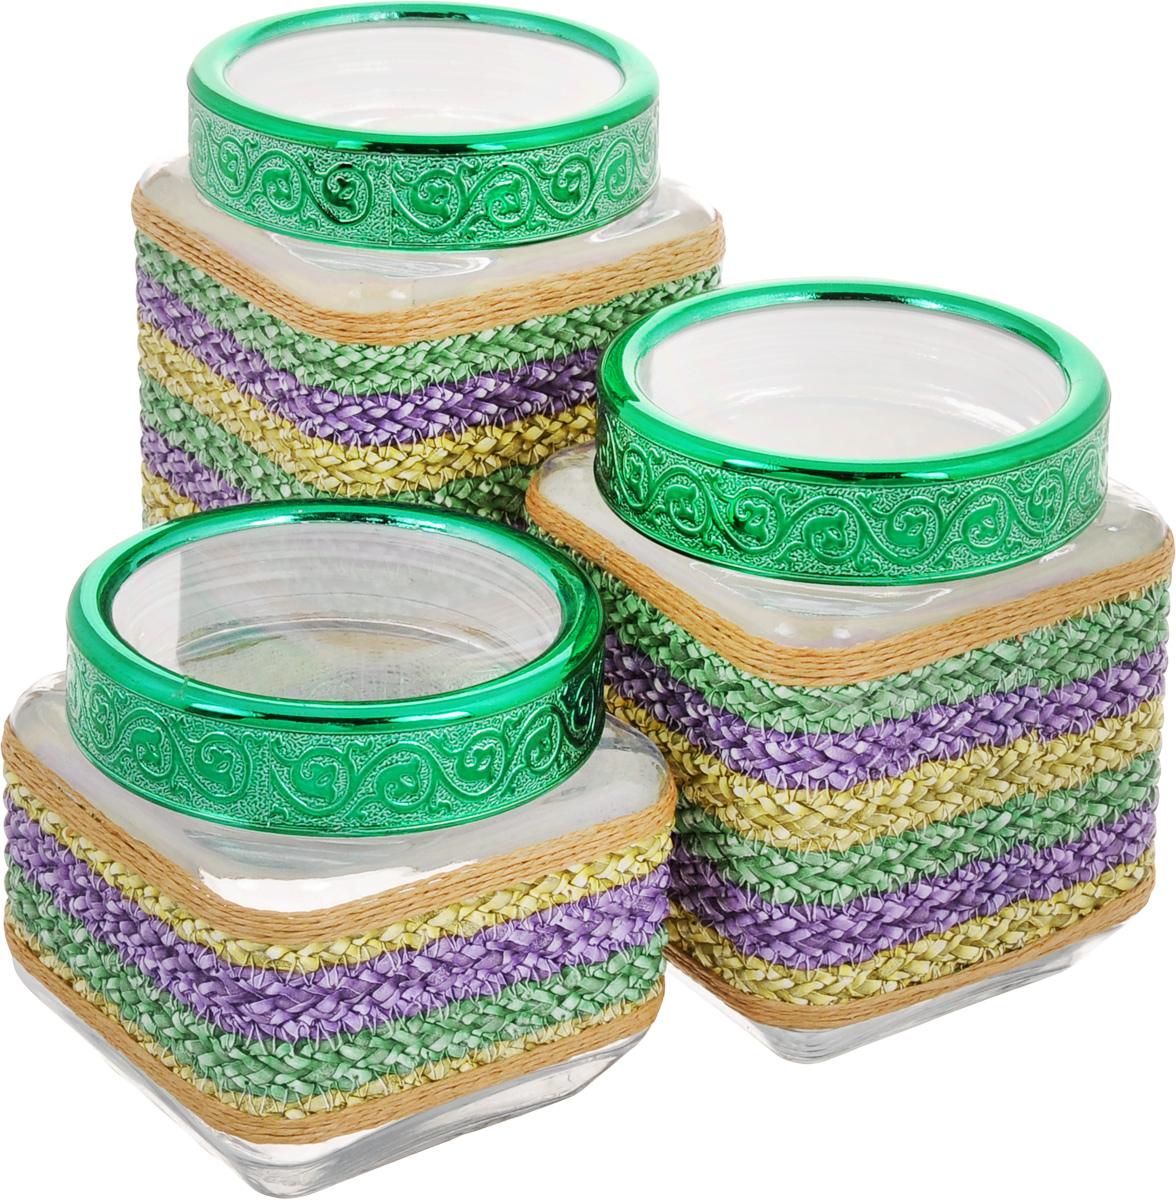 Набор банок для сыпучих продуктов Mayer & Boch, цвет: прозрачный, зеленый, сиреневый, 3 шт. 25514 набор банок для сыпучих продуктов прованс из 4 х шт 1145180